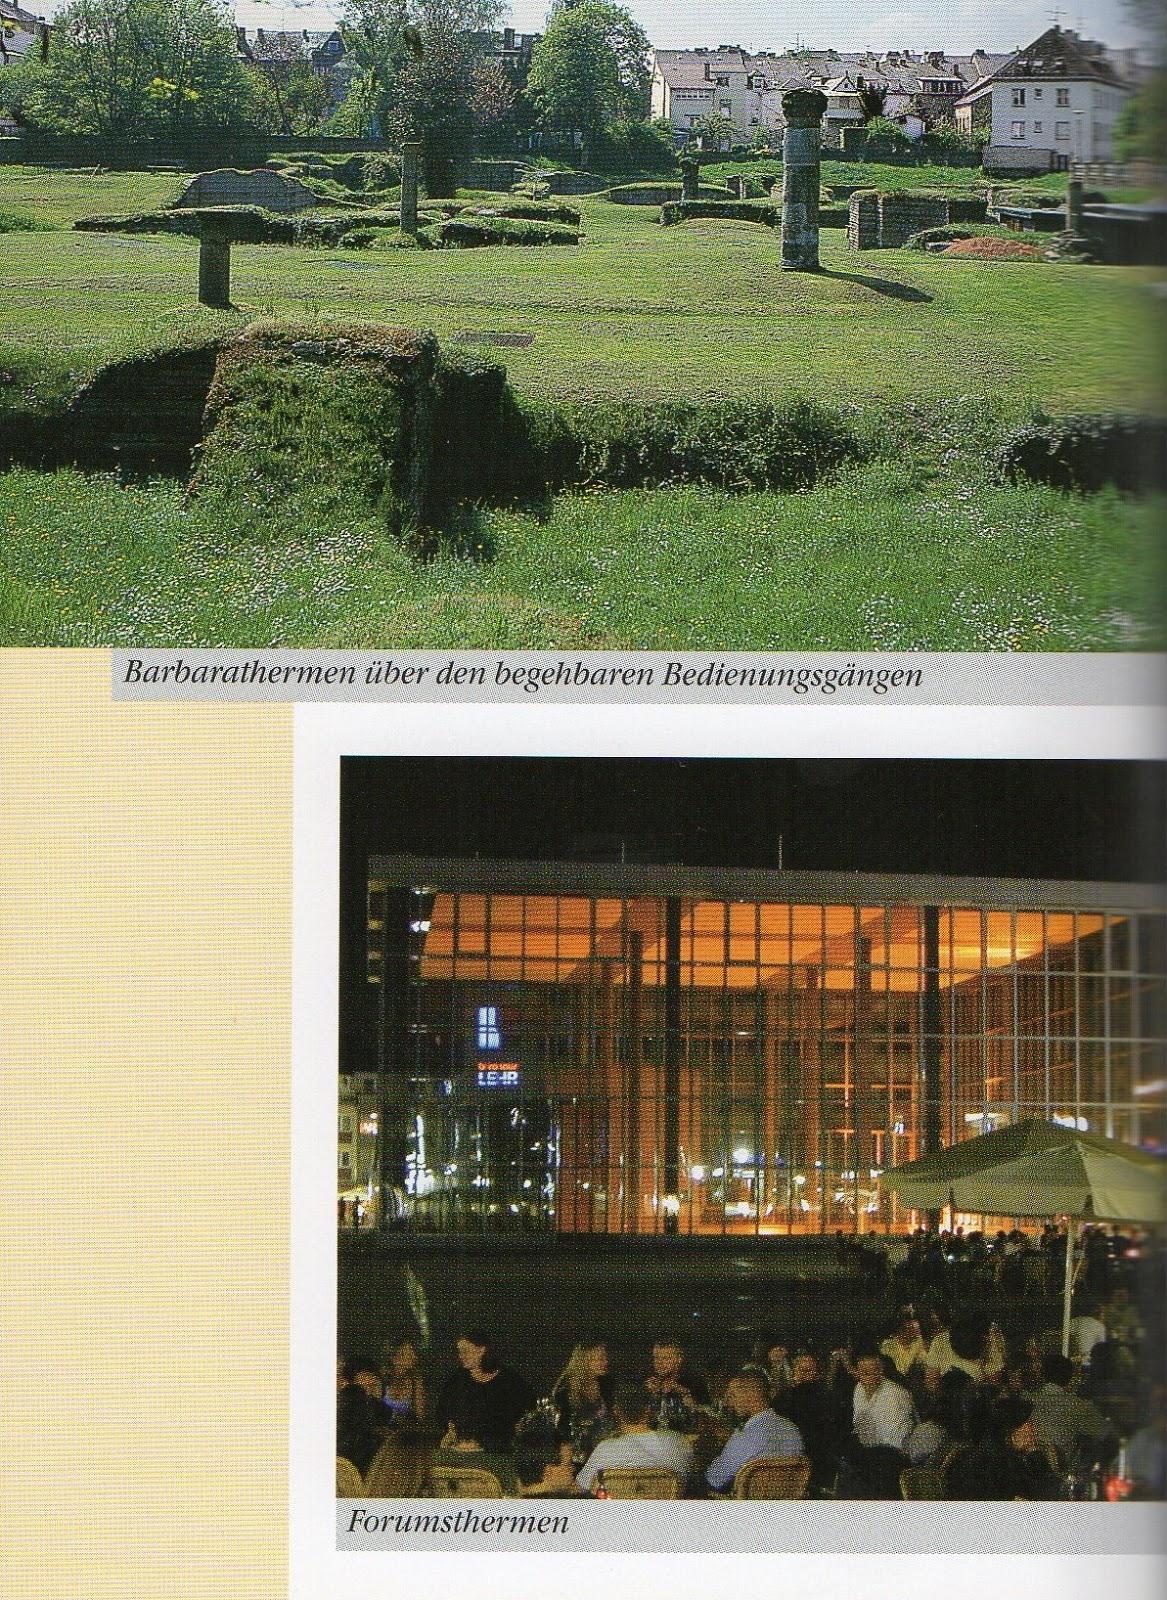 termas romanas em Trier, Alemanha